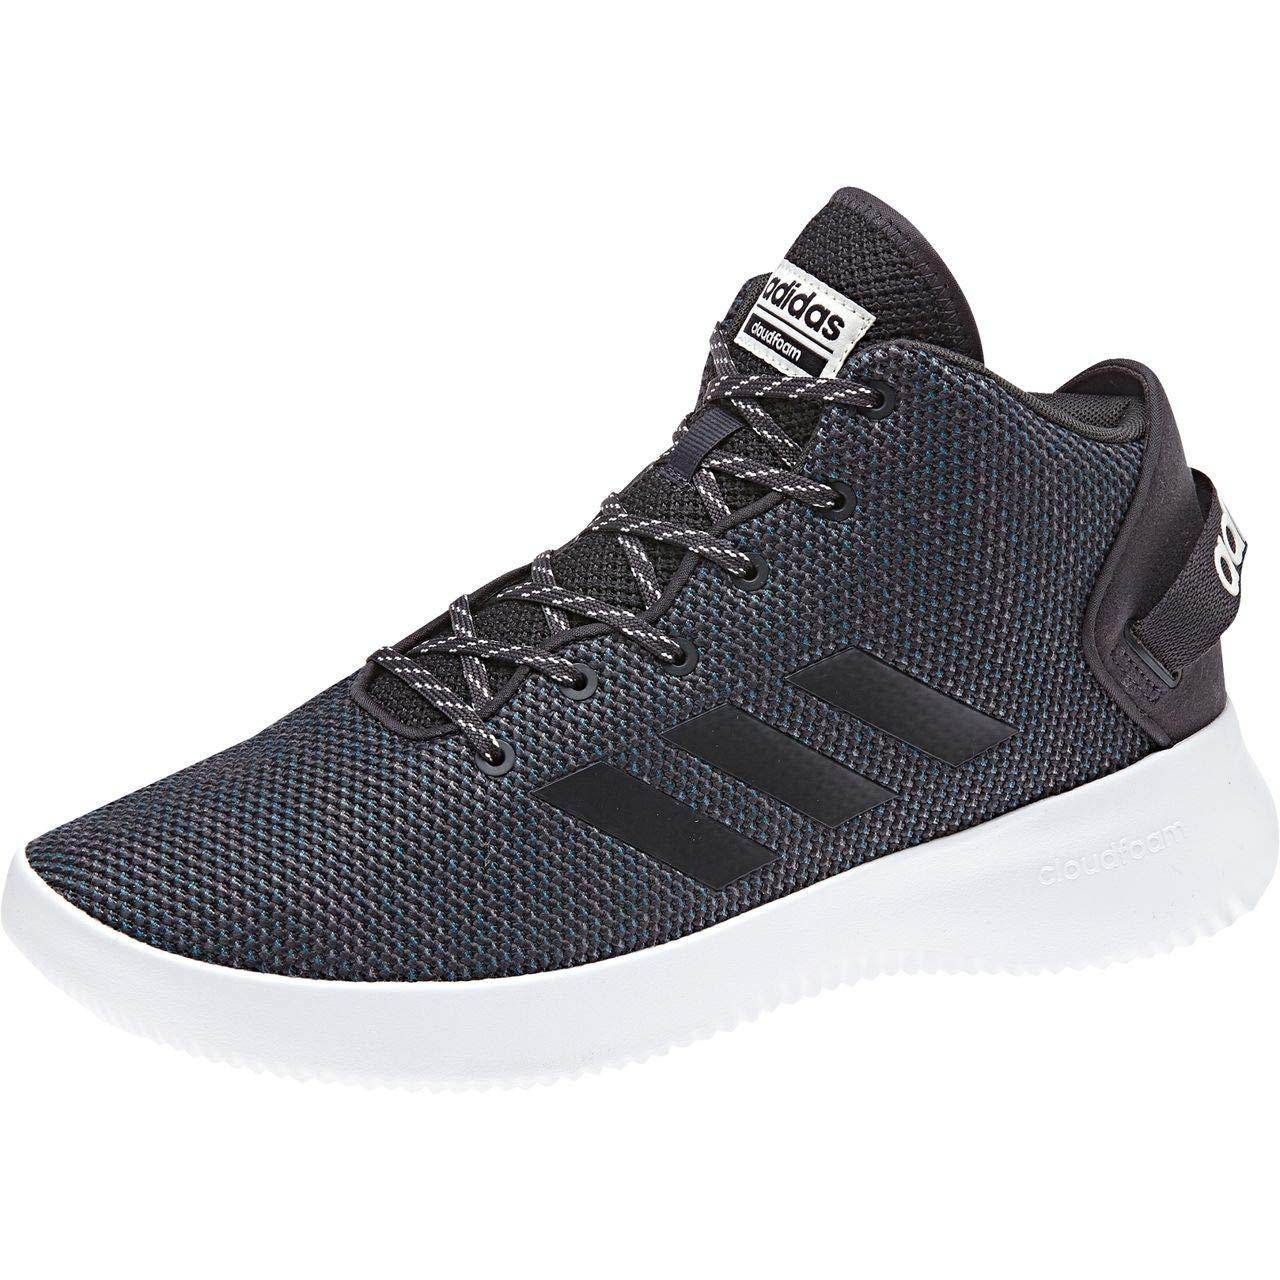 gris (Carbon Carbon Talc) adidas Cloudfoam Refresh Mid, Baskets Hautes Homme 46 2 3 EU